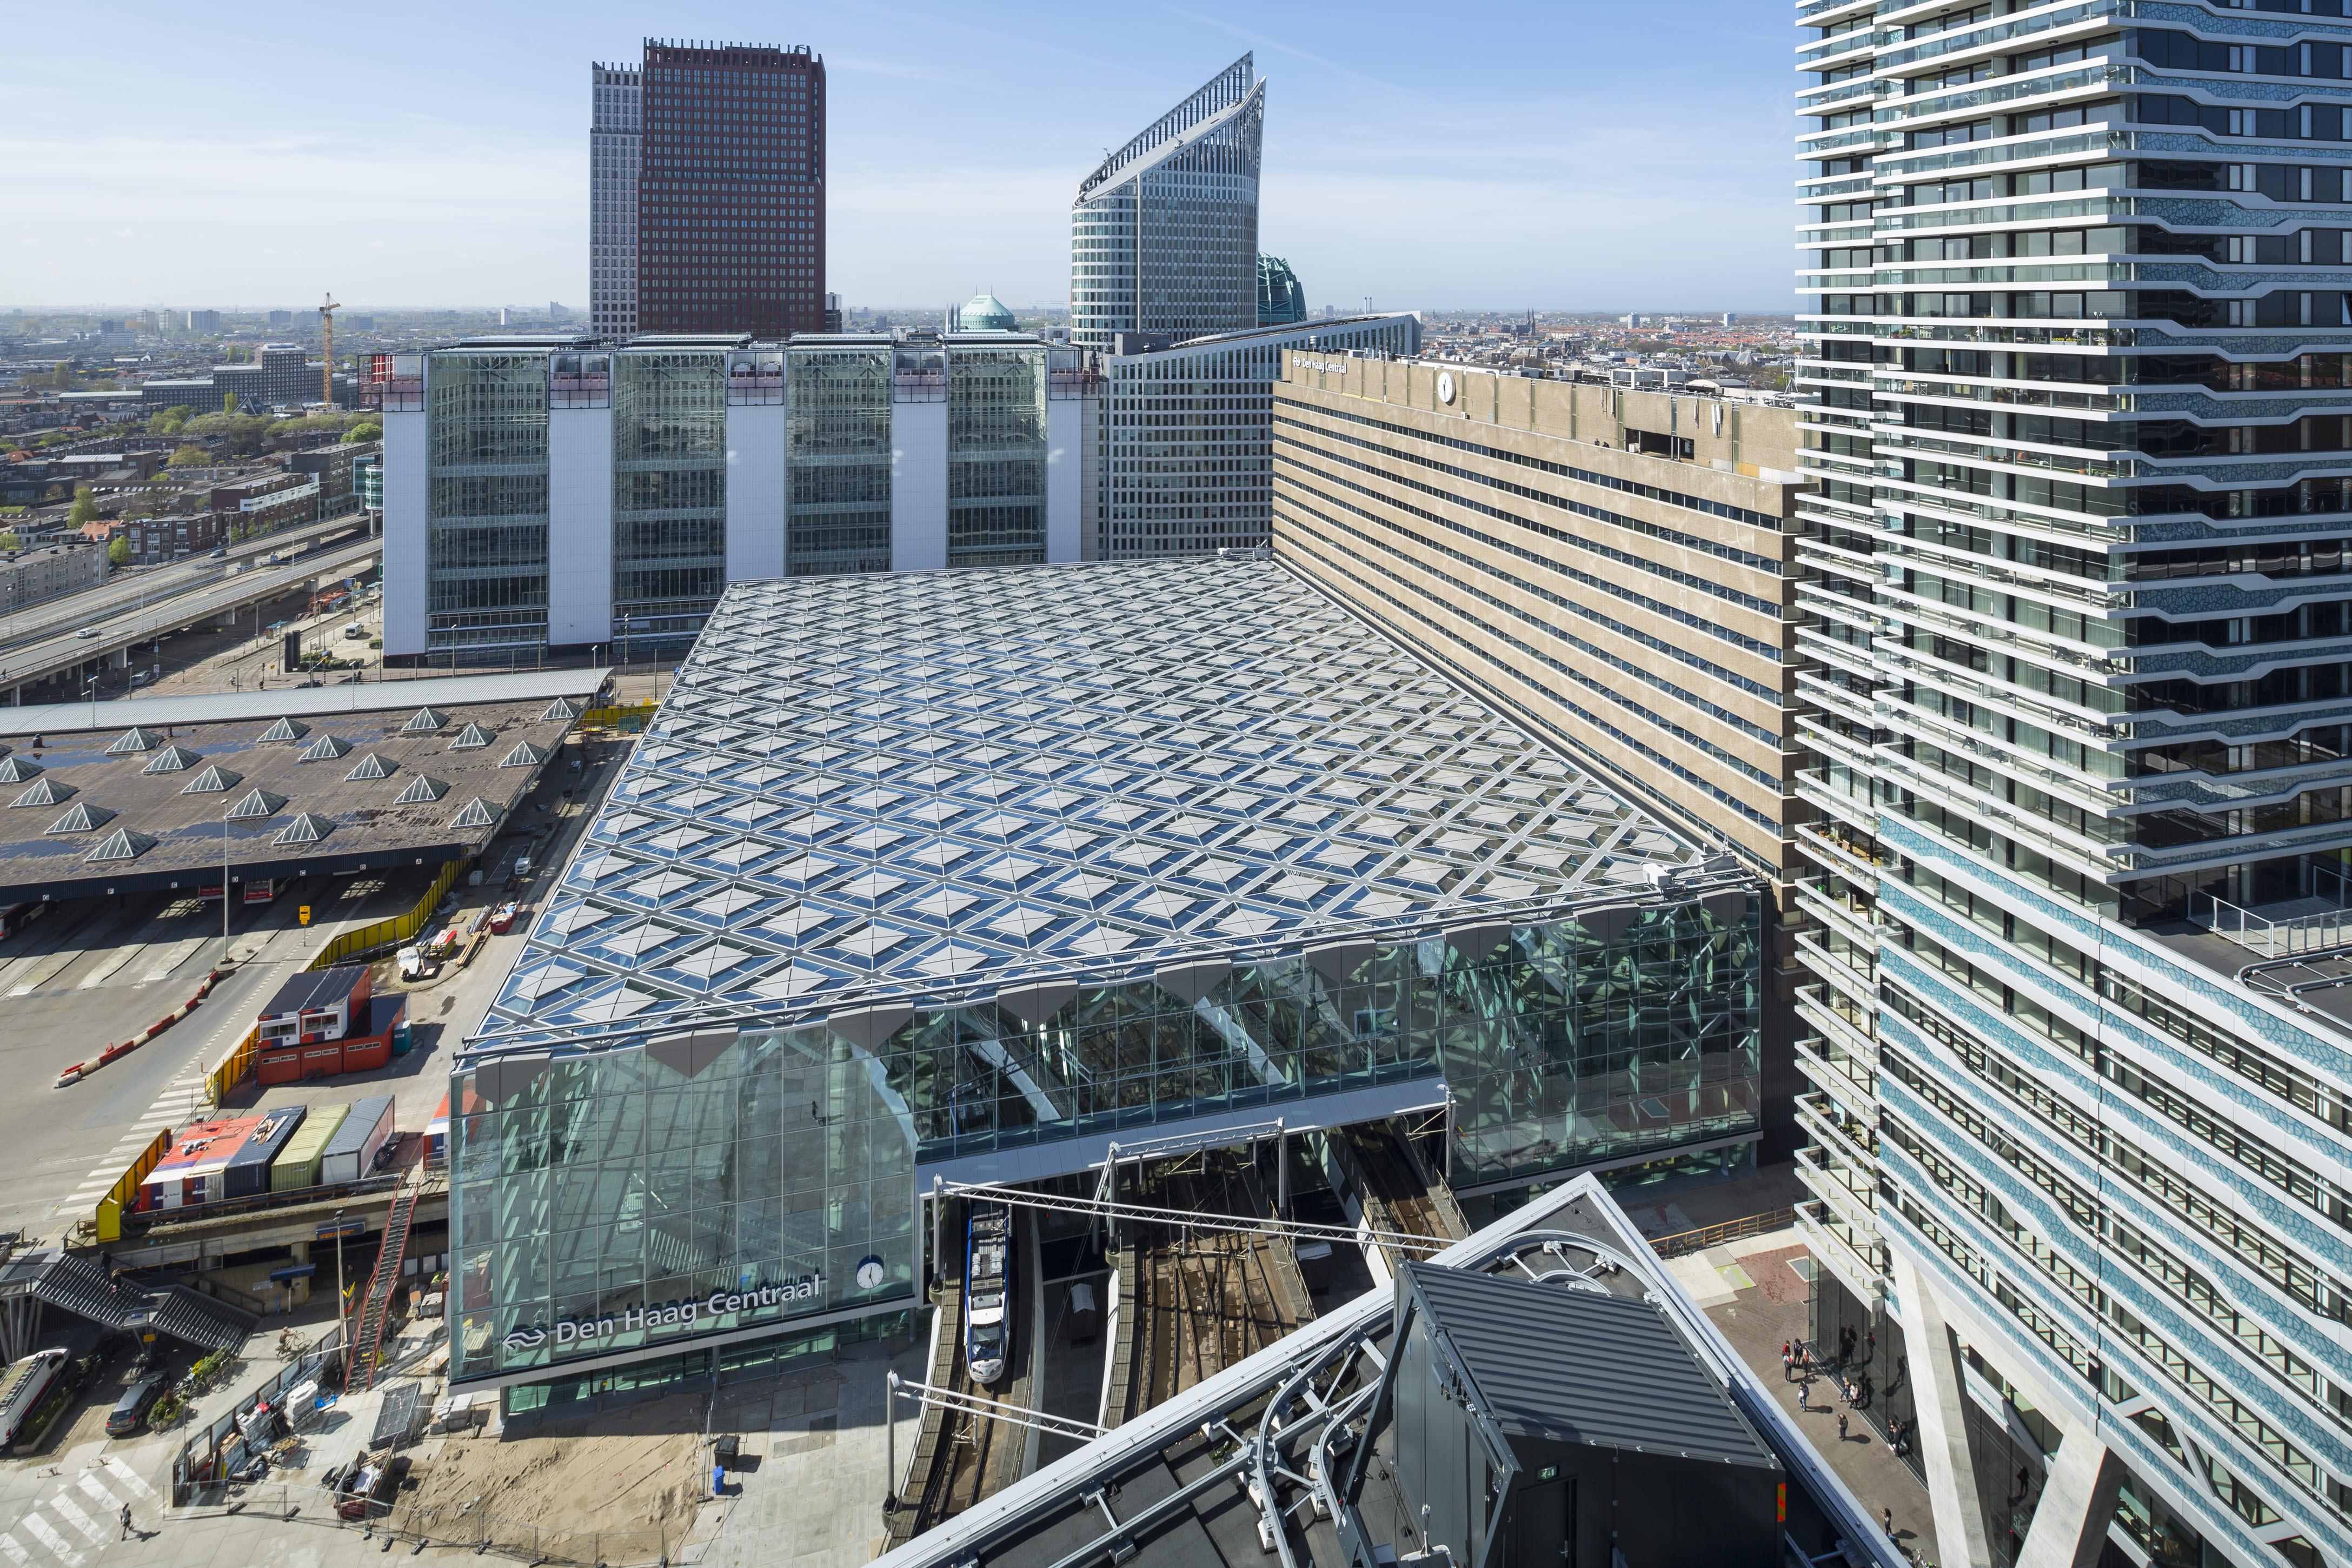 〔안정원의 건축 칼럼〕마름모꼴의 기능성 지붕을 머금고 있는 도시 광장 1